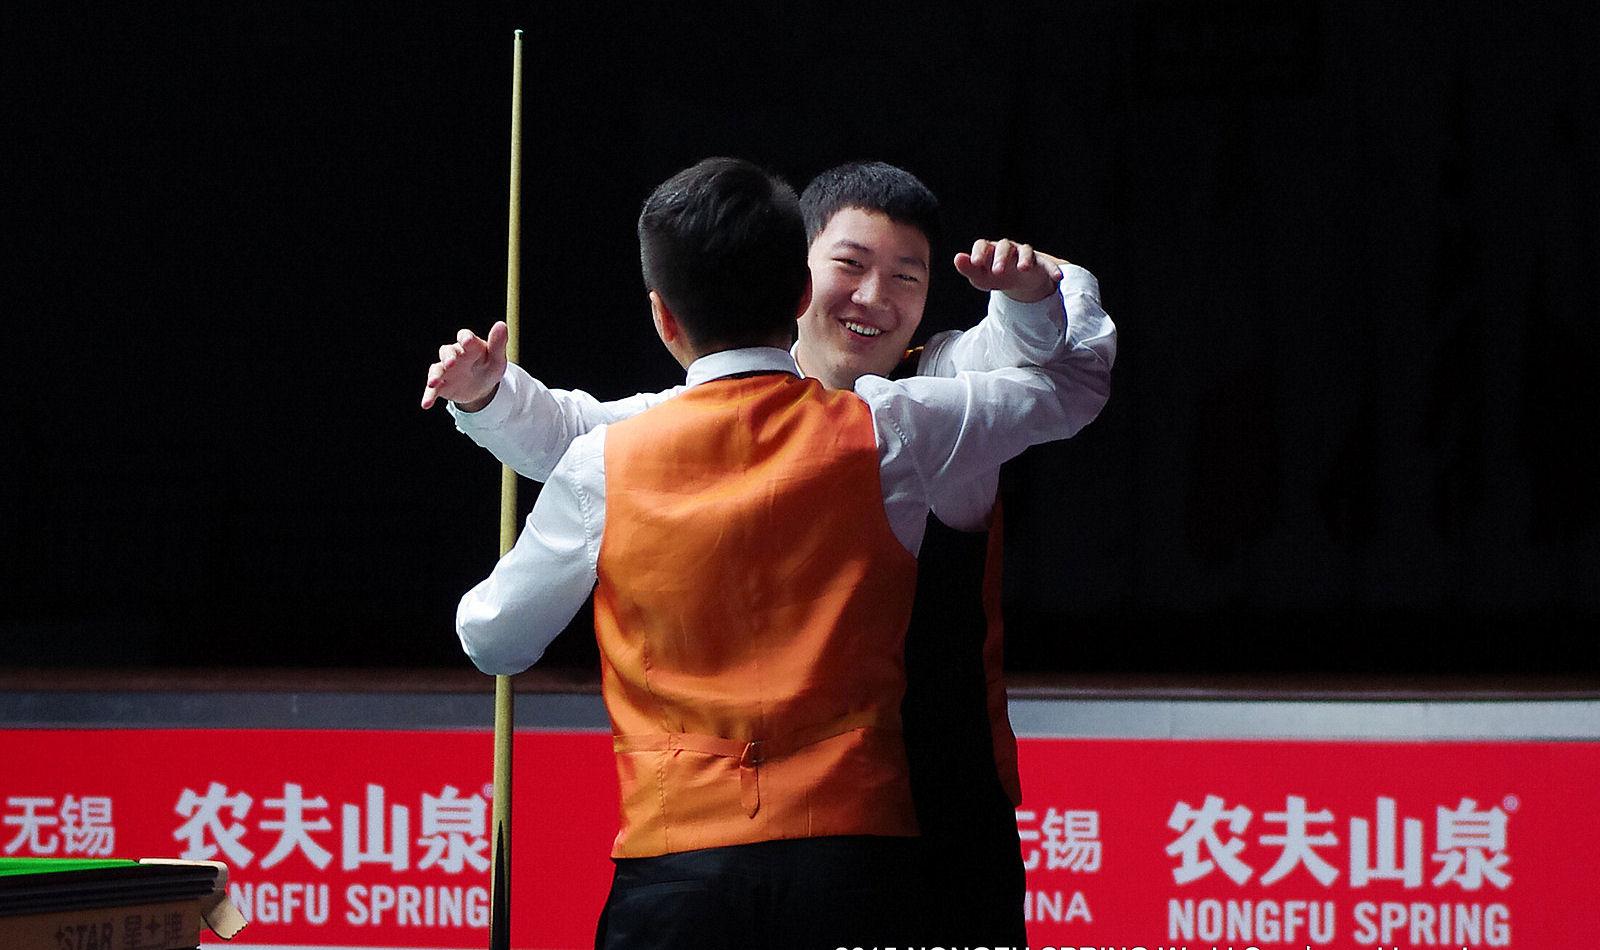 Zhou Yuelong Yang Bingtao